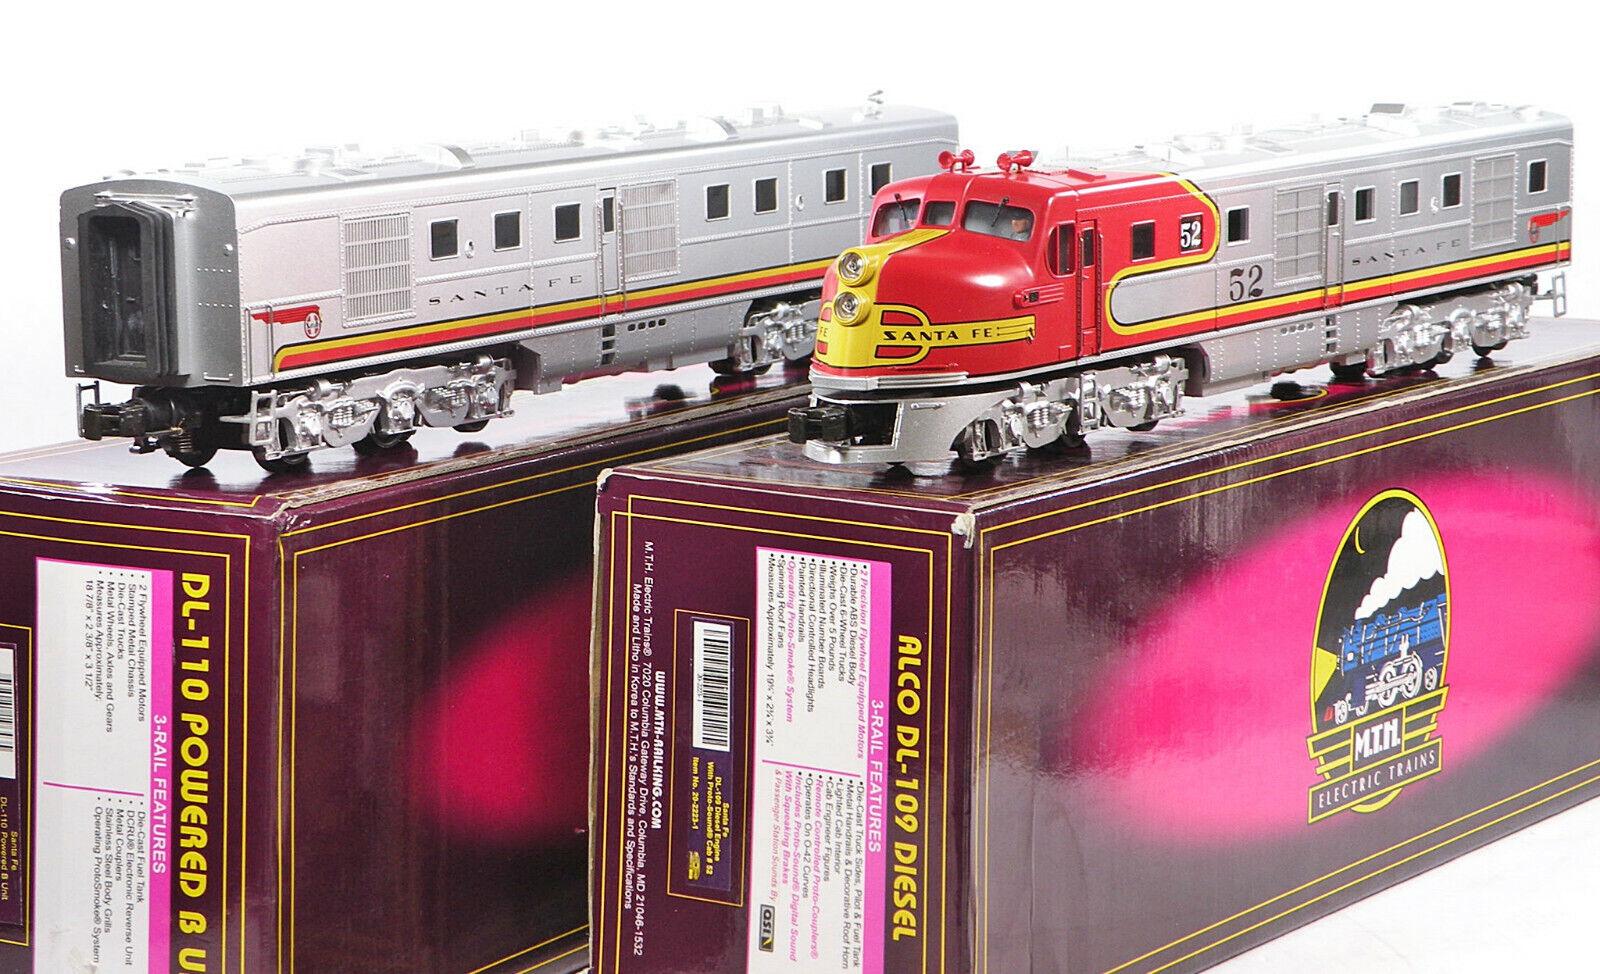 MTH 20-2223-1 20-2223-3 Santa Fe SF DL109 110 A-B Diesels Predo-1 w BCR 2000 C8